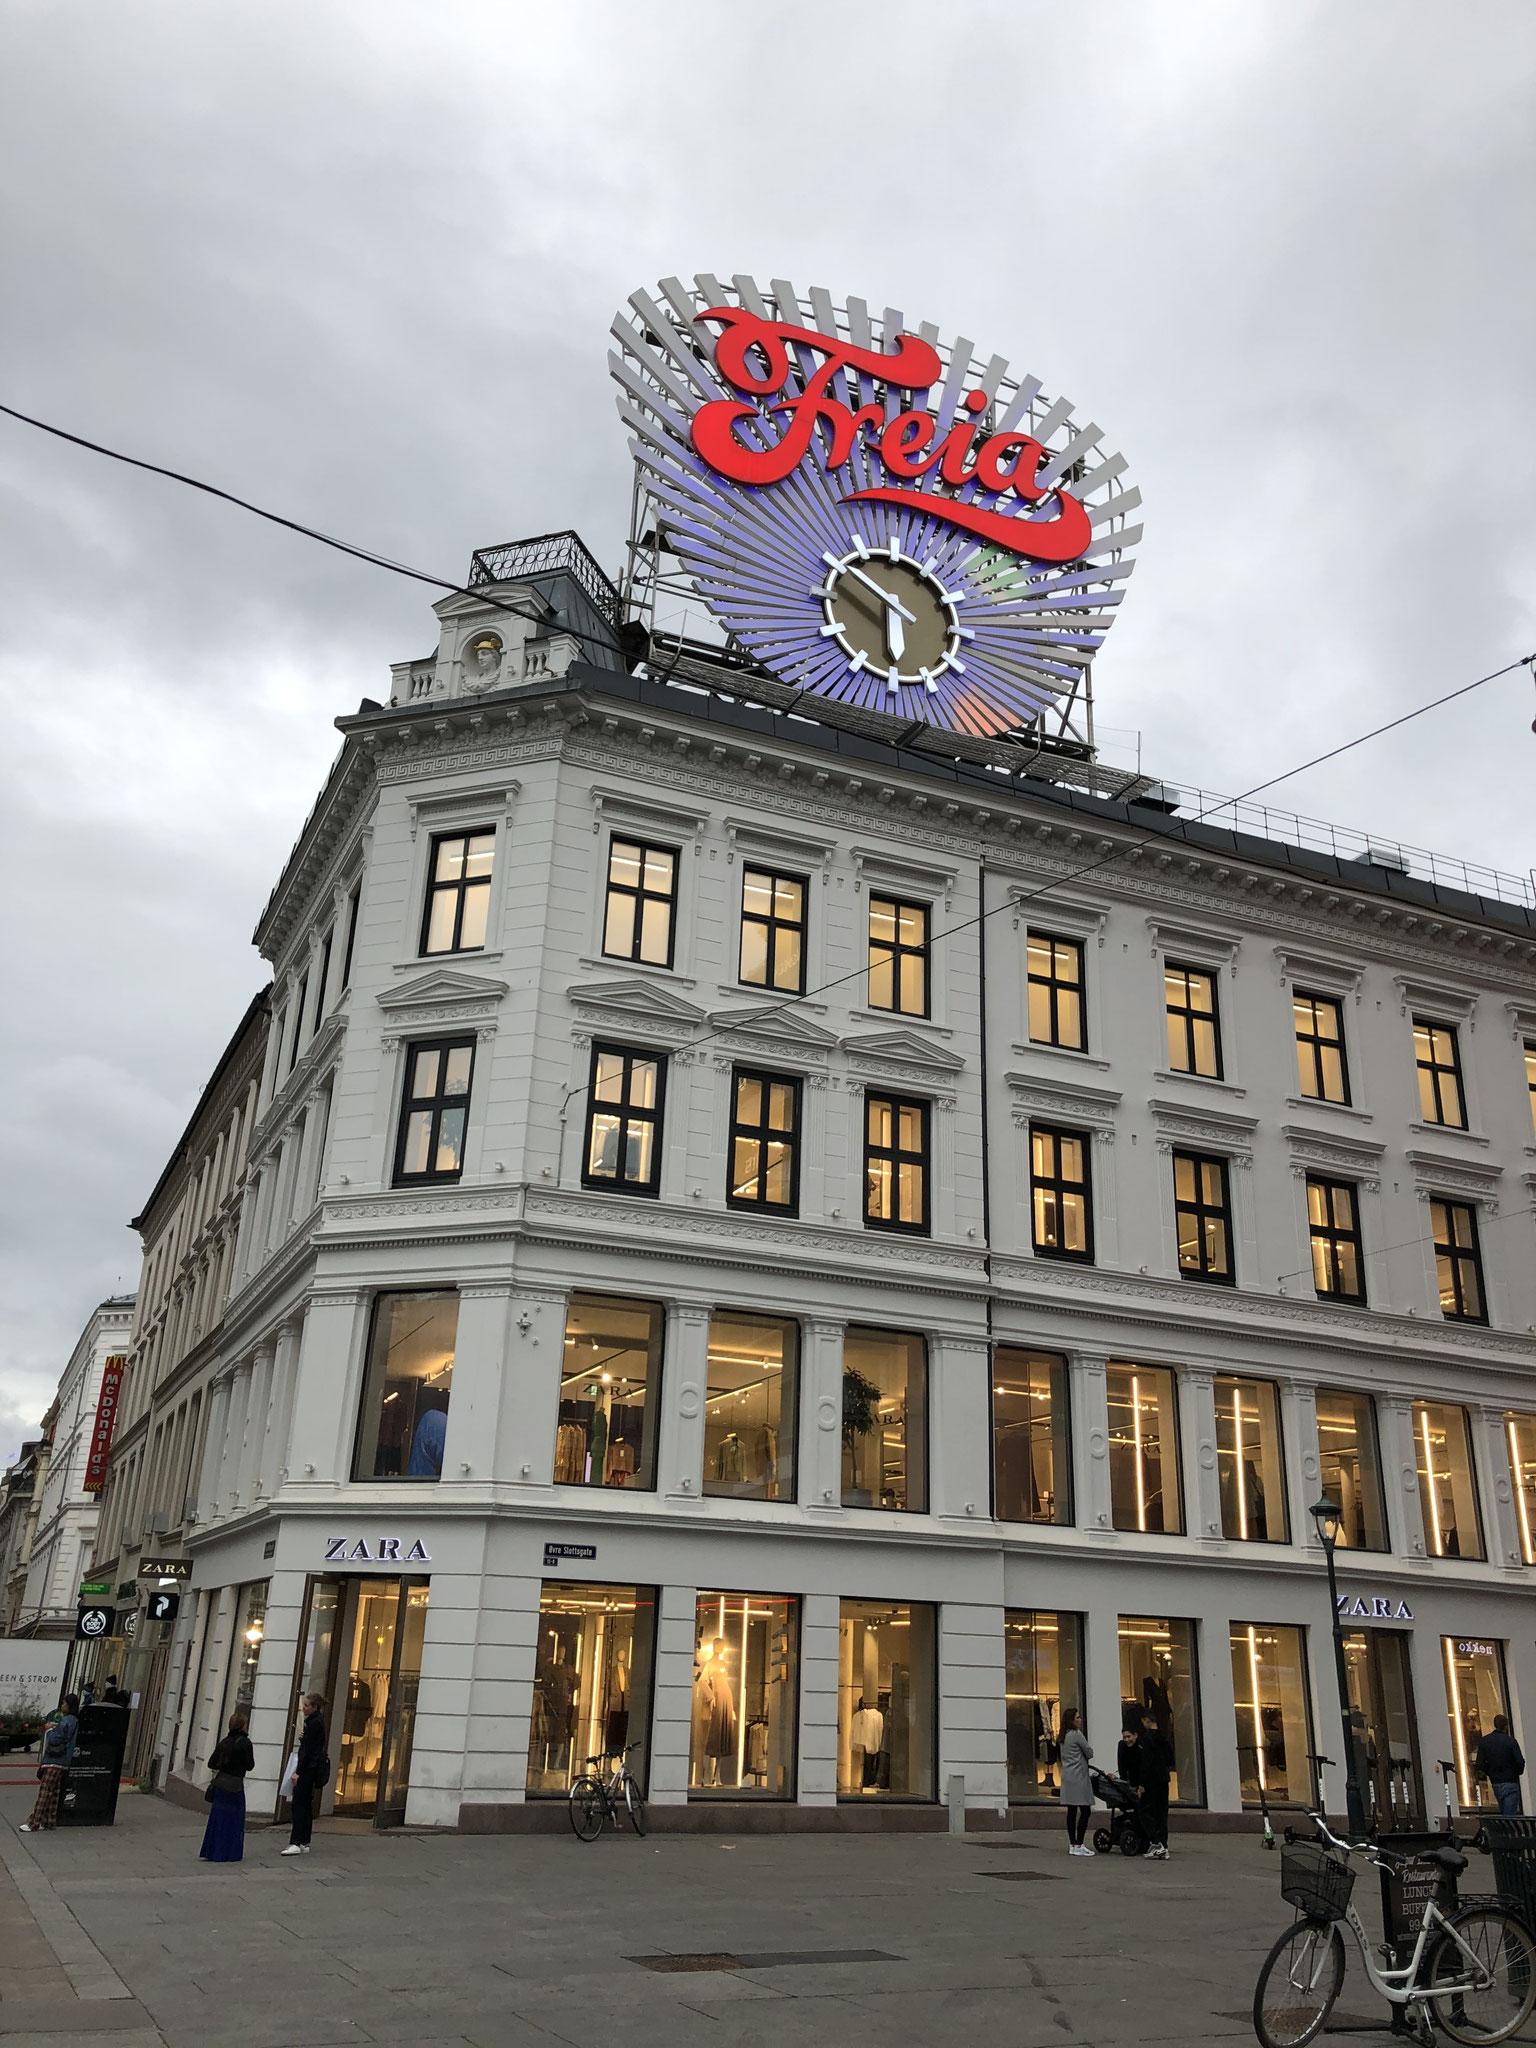 Kaufhäuser auf dem Karl Johans Gate